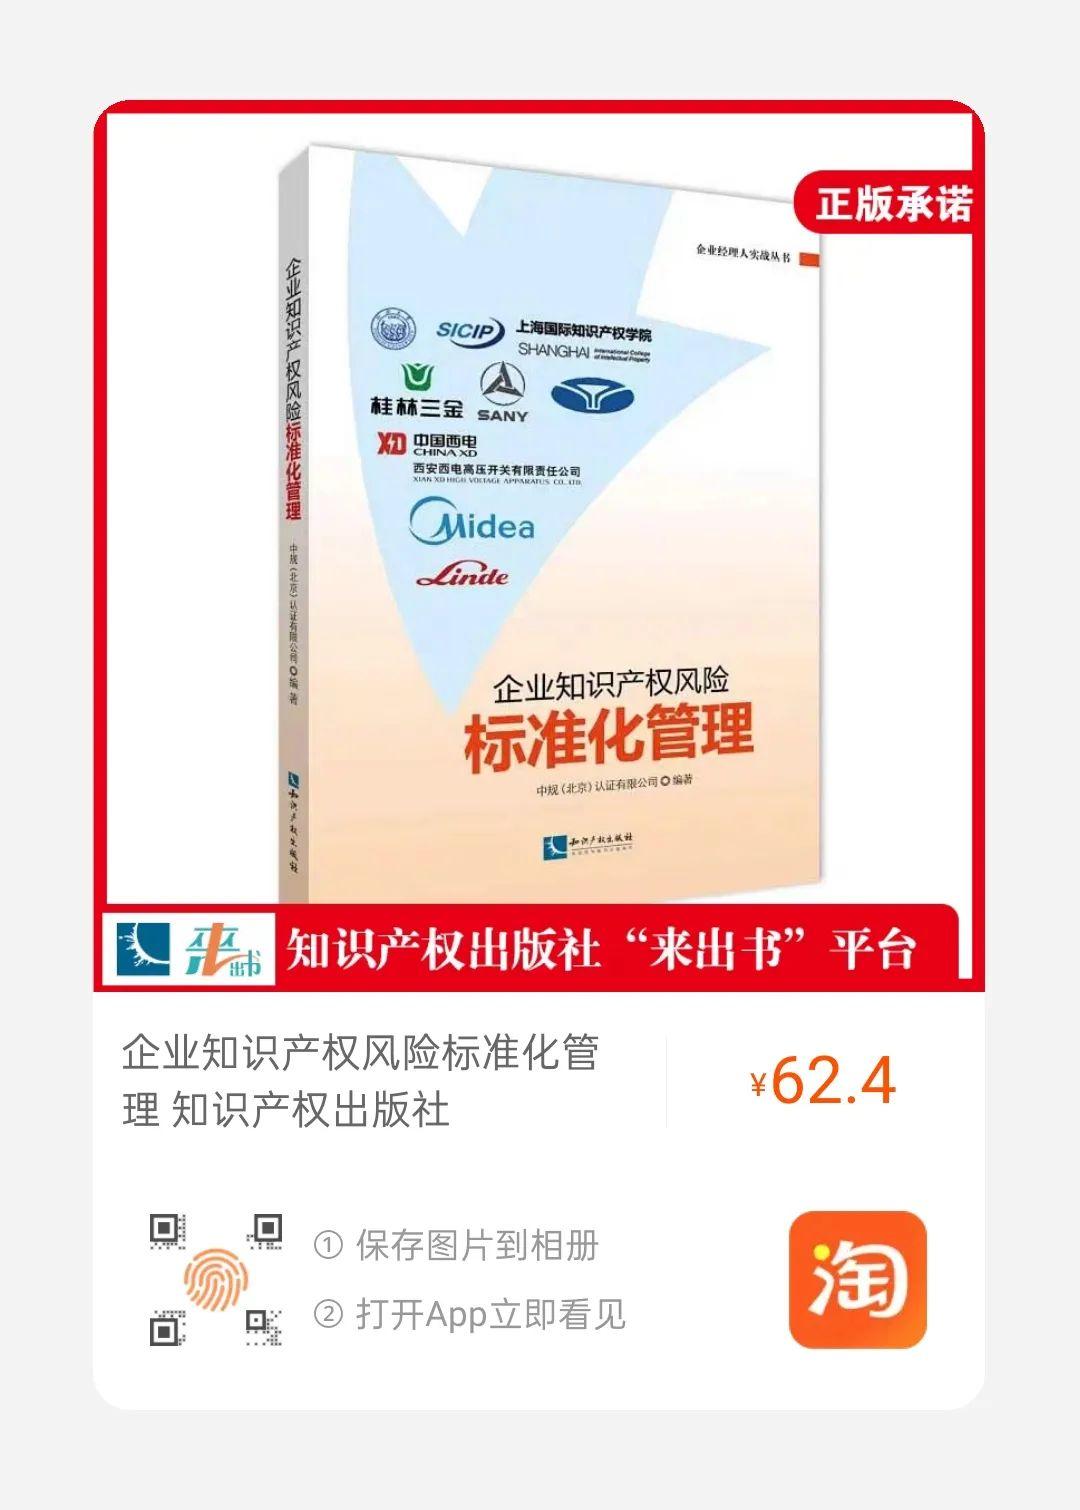 赠书活动   《企业知识产权风险标准化管理》